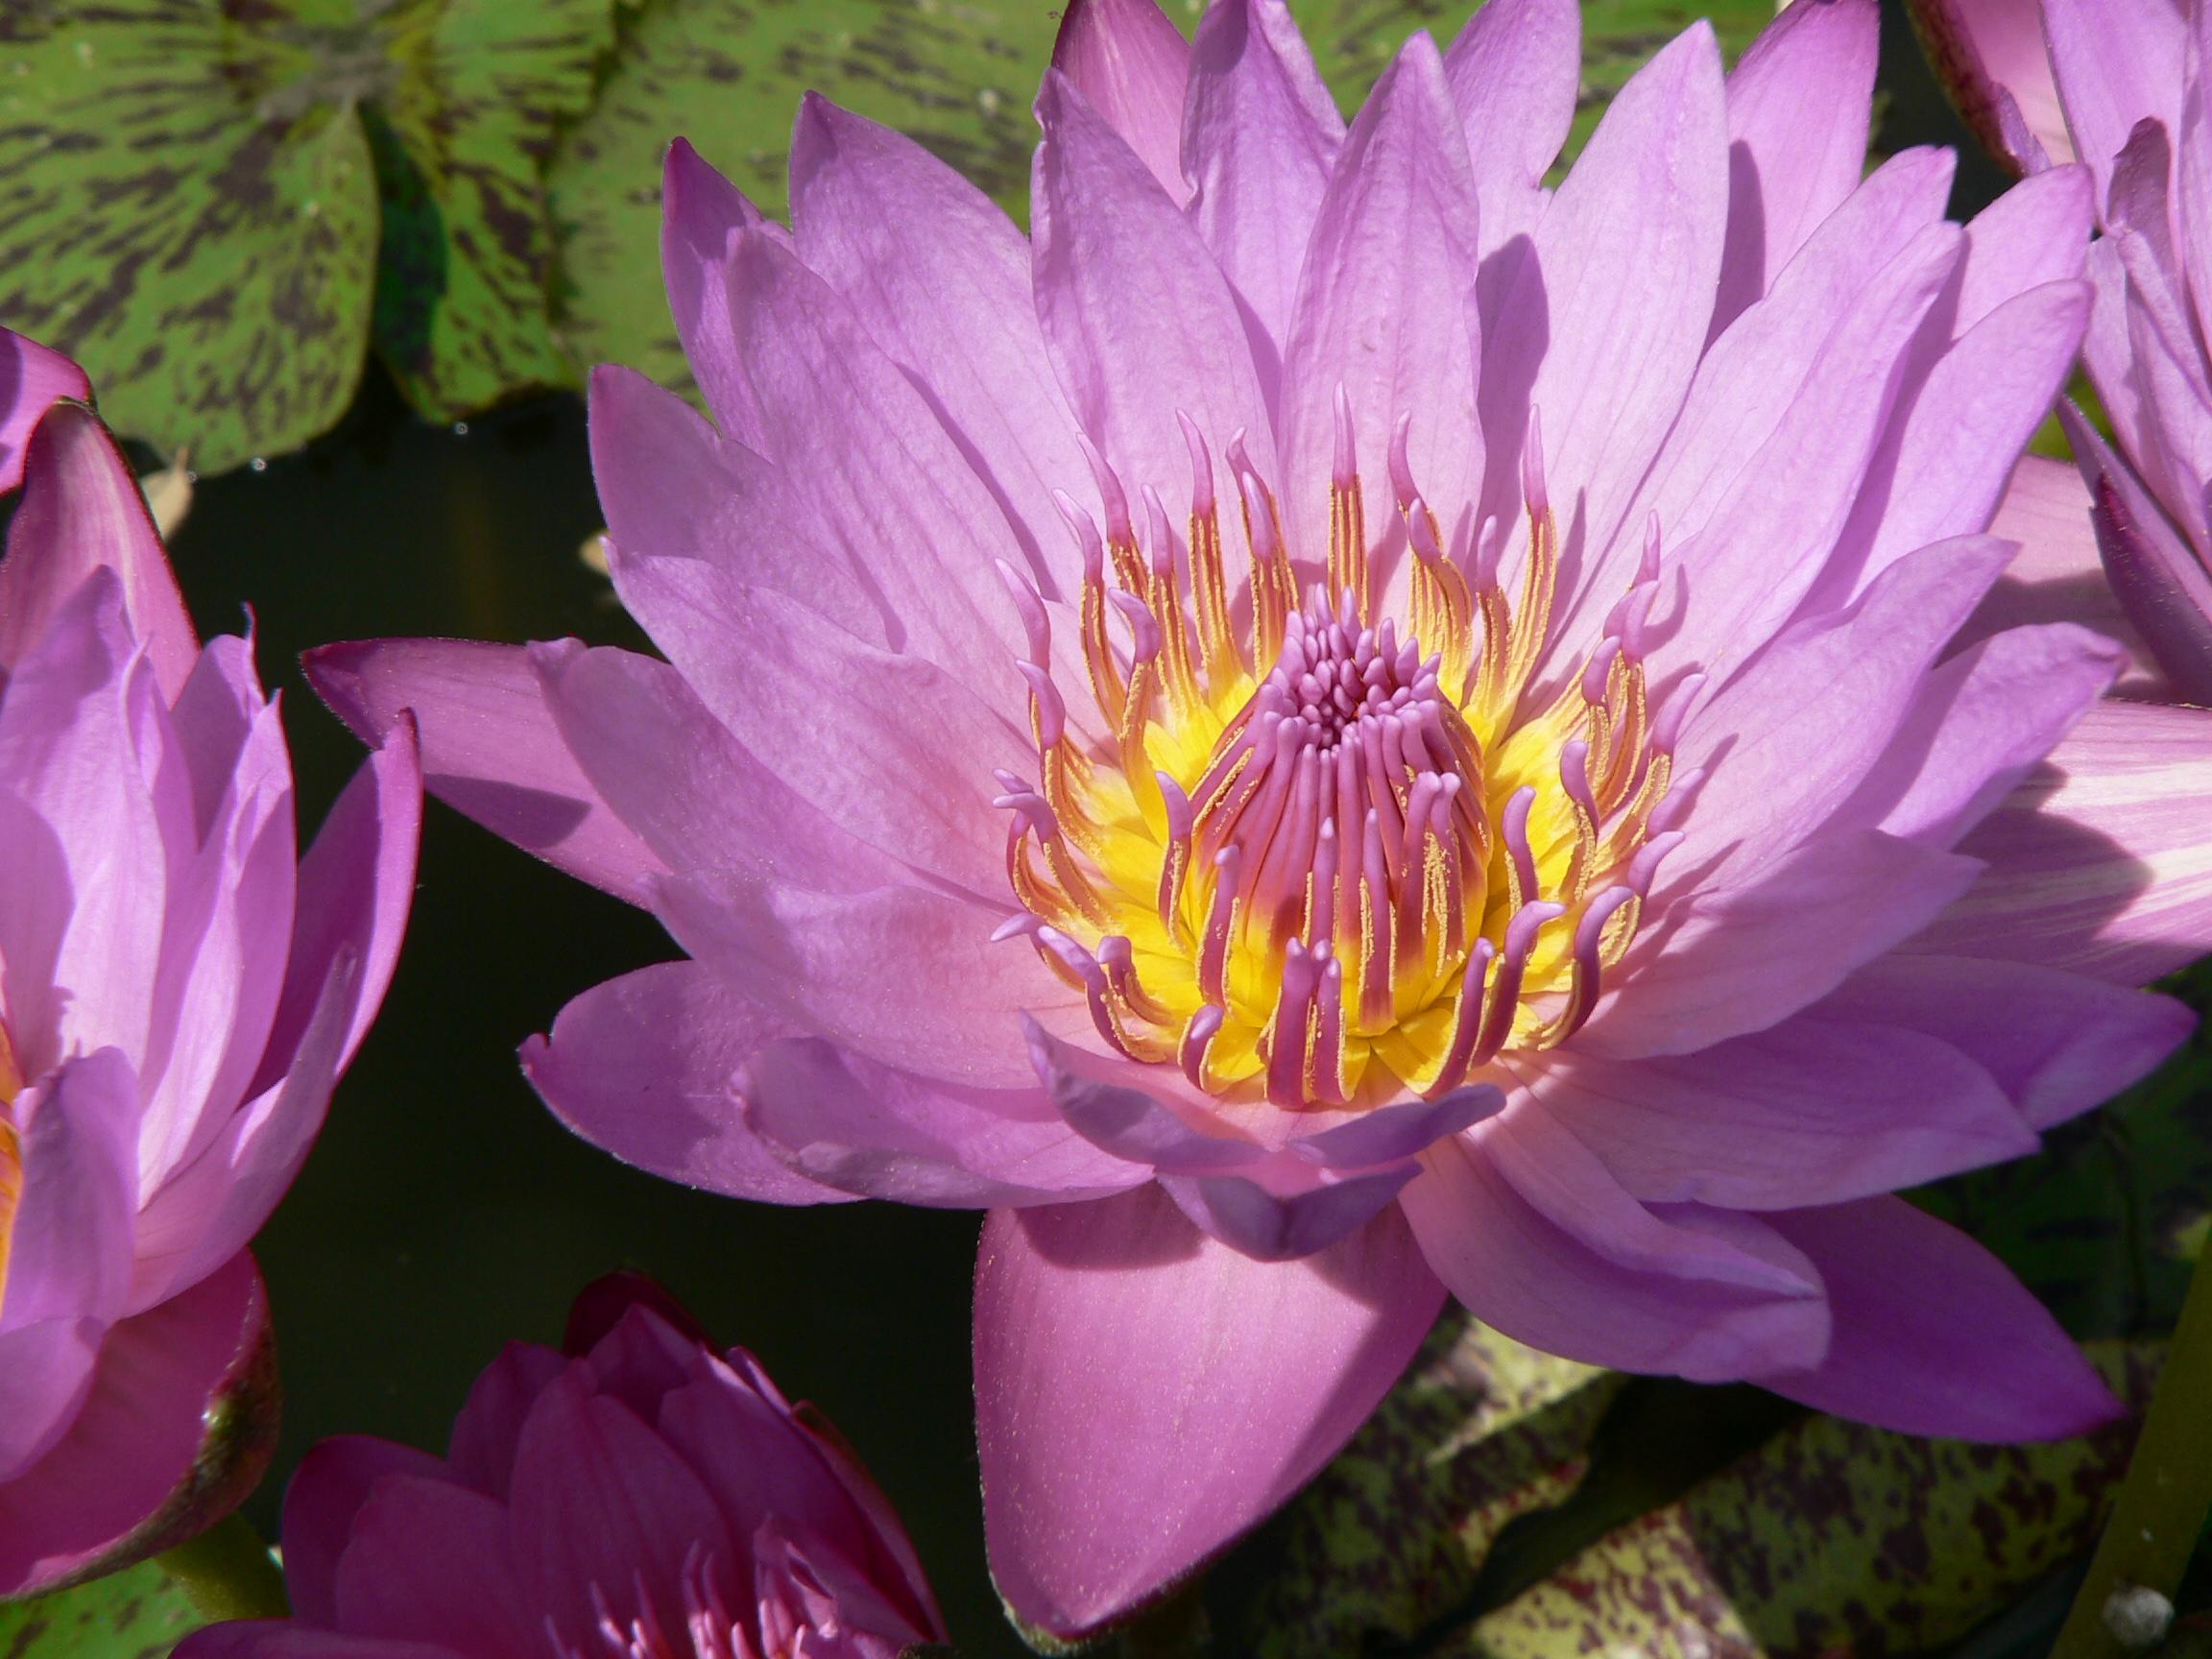 rosa Wasserrose